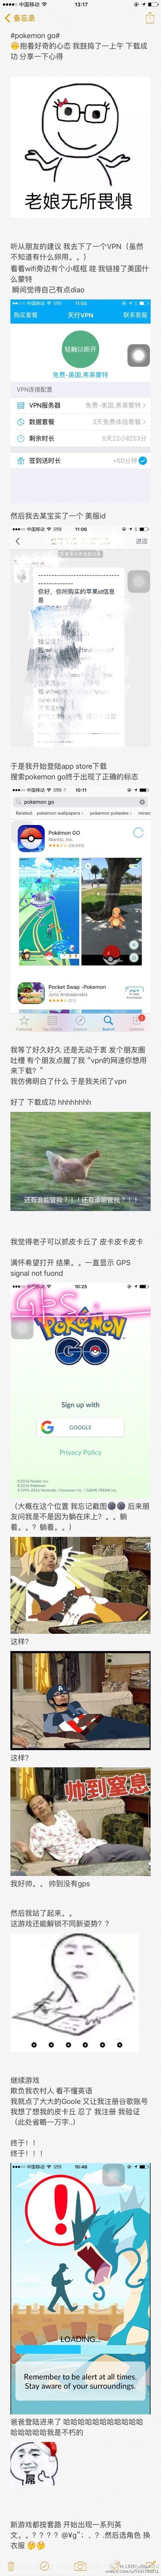 段子频出 Pokemon Go全球玩家逗趣反应合集[多图]图片24